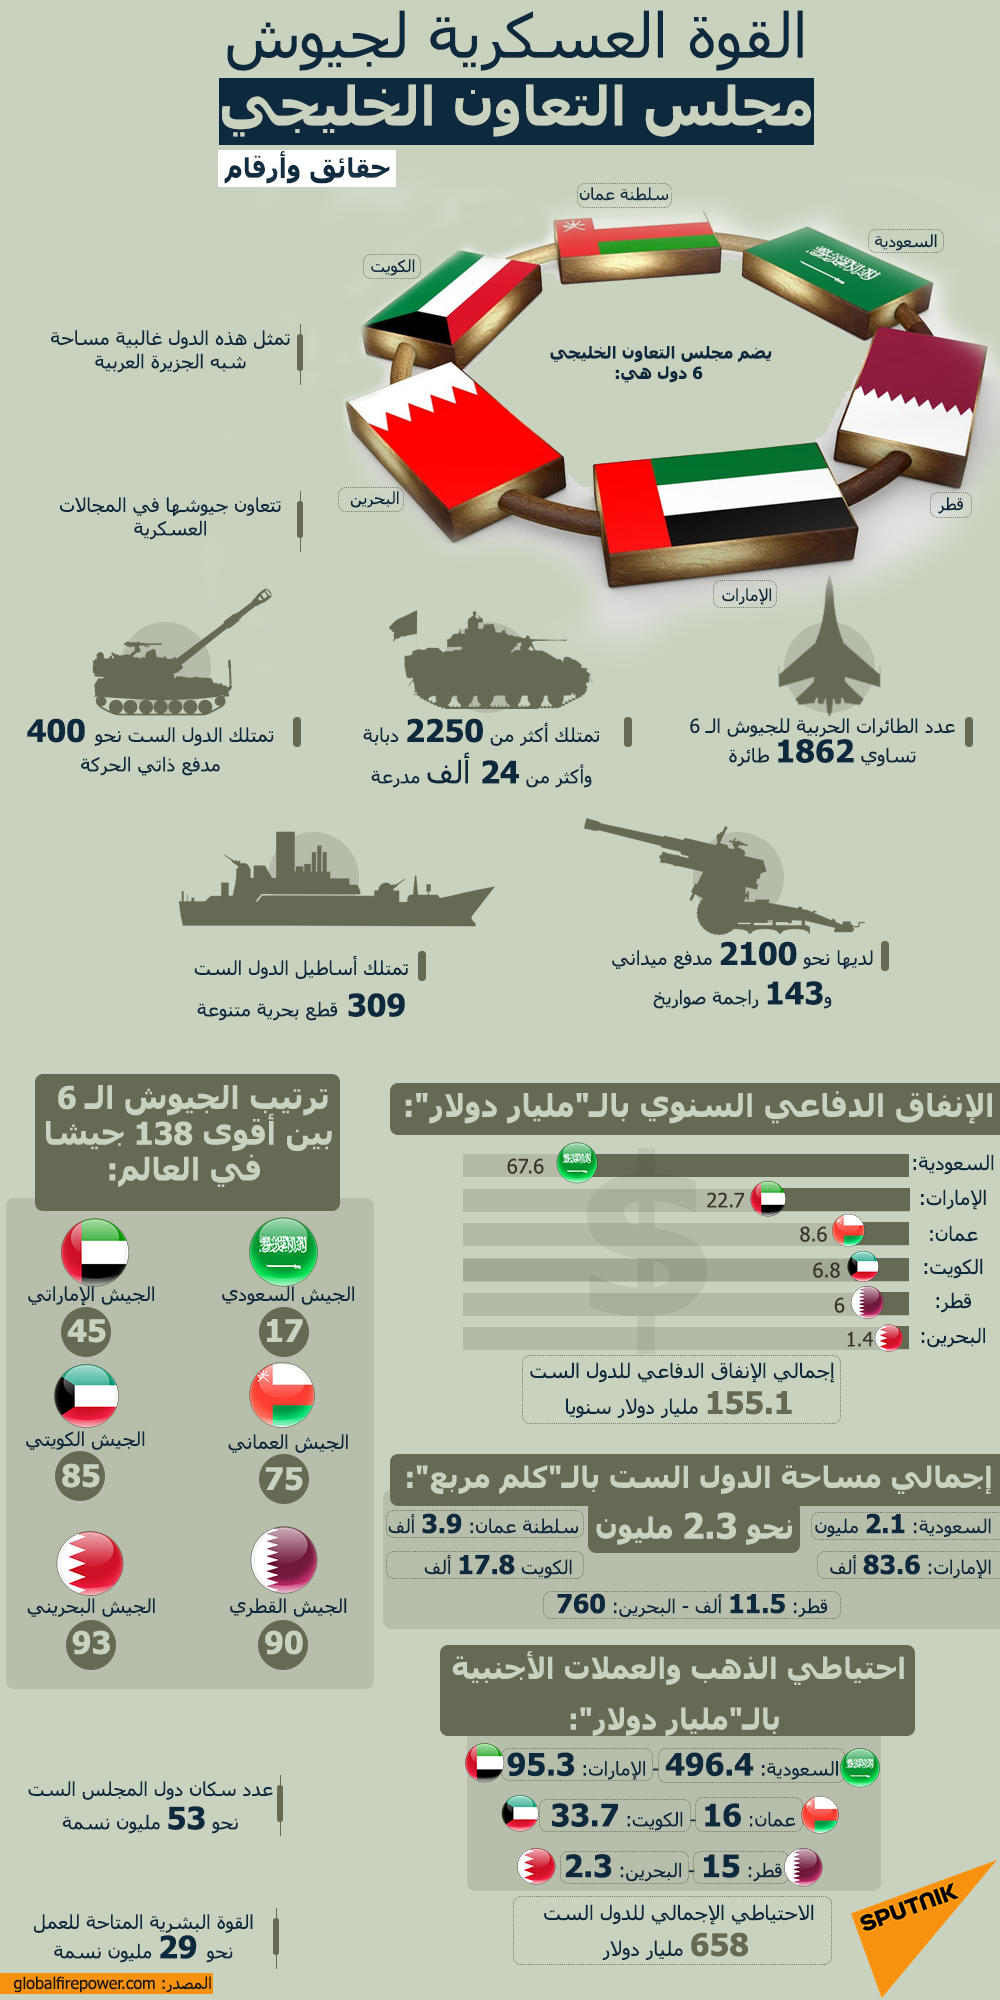 القوة العسكرية لجيوش مجلس التعاون الخليجي… حقائق وأرقام